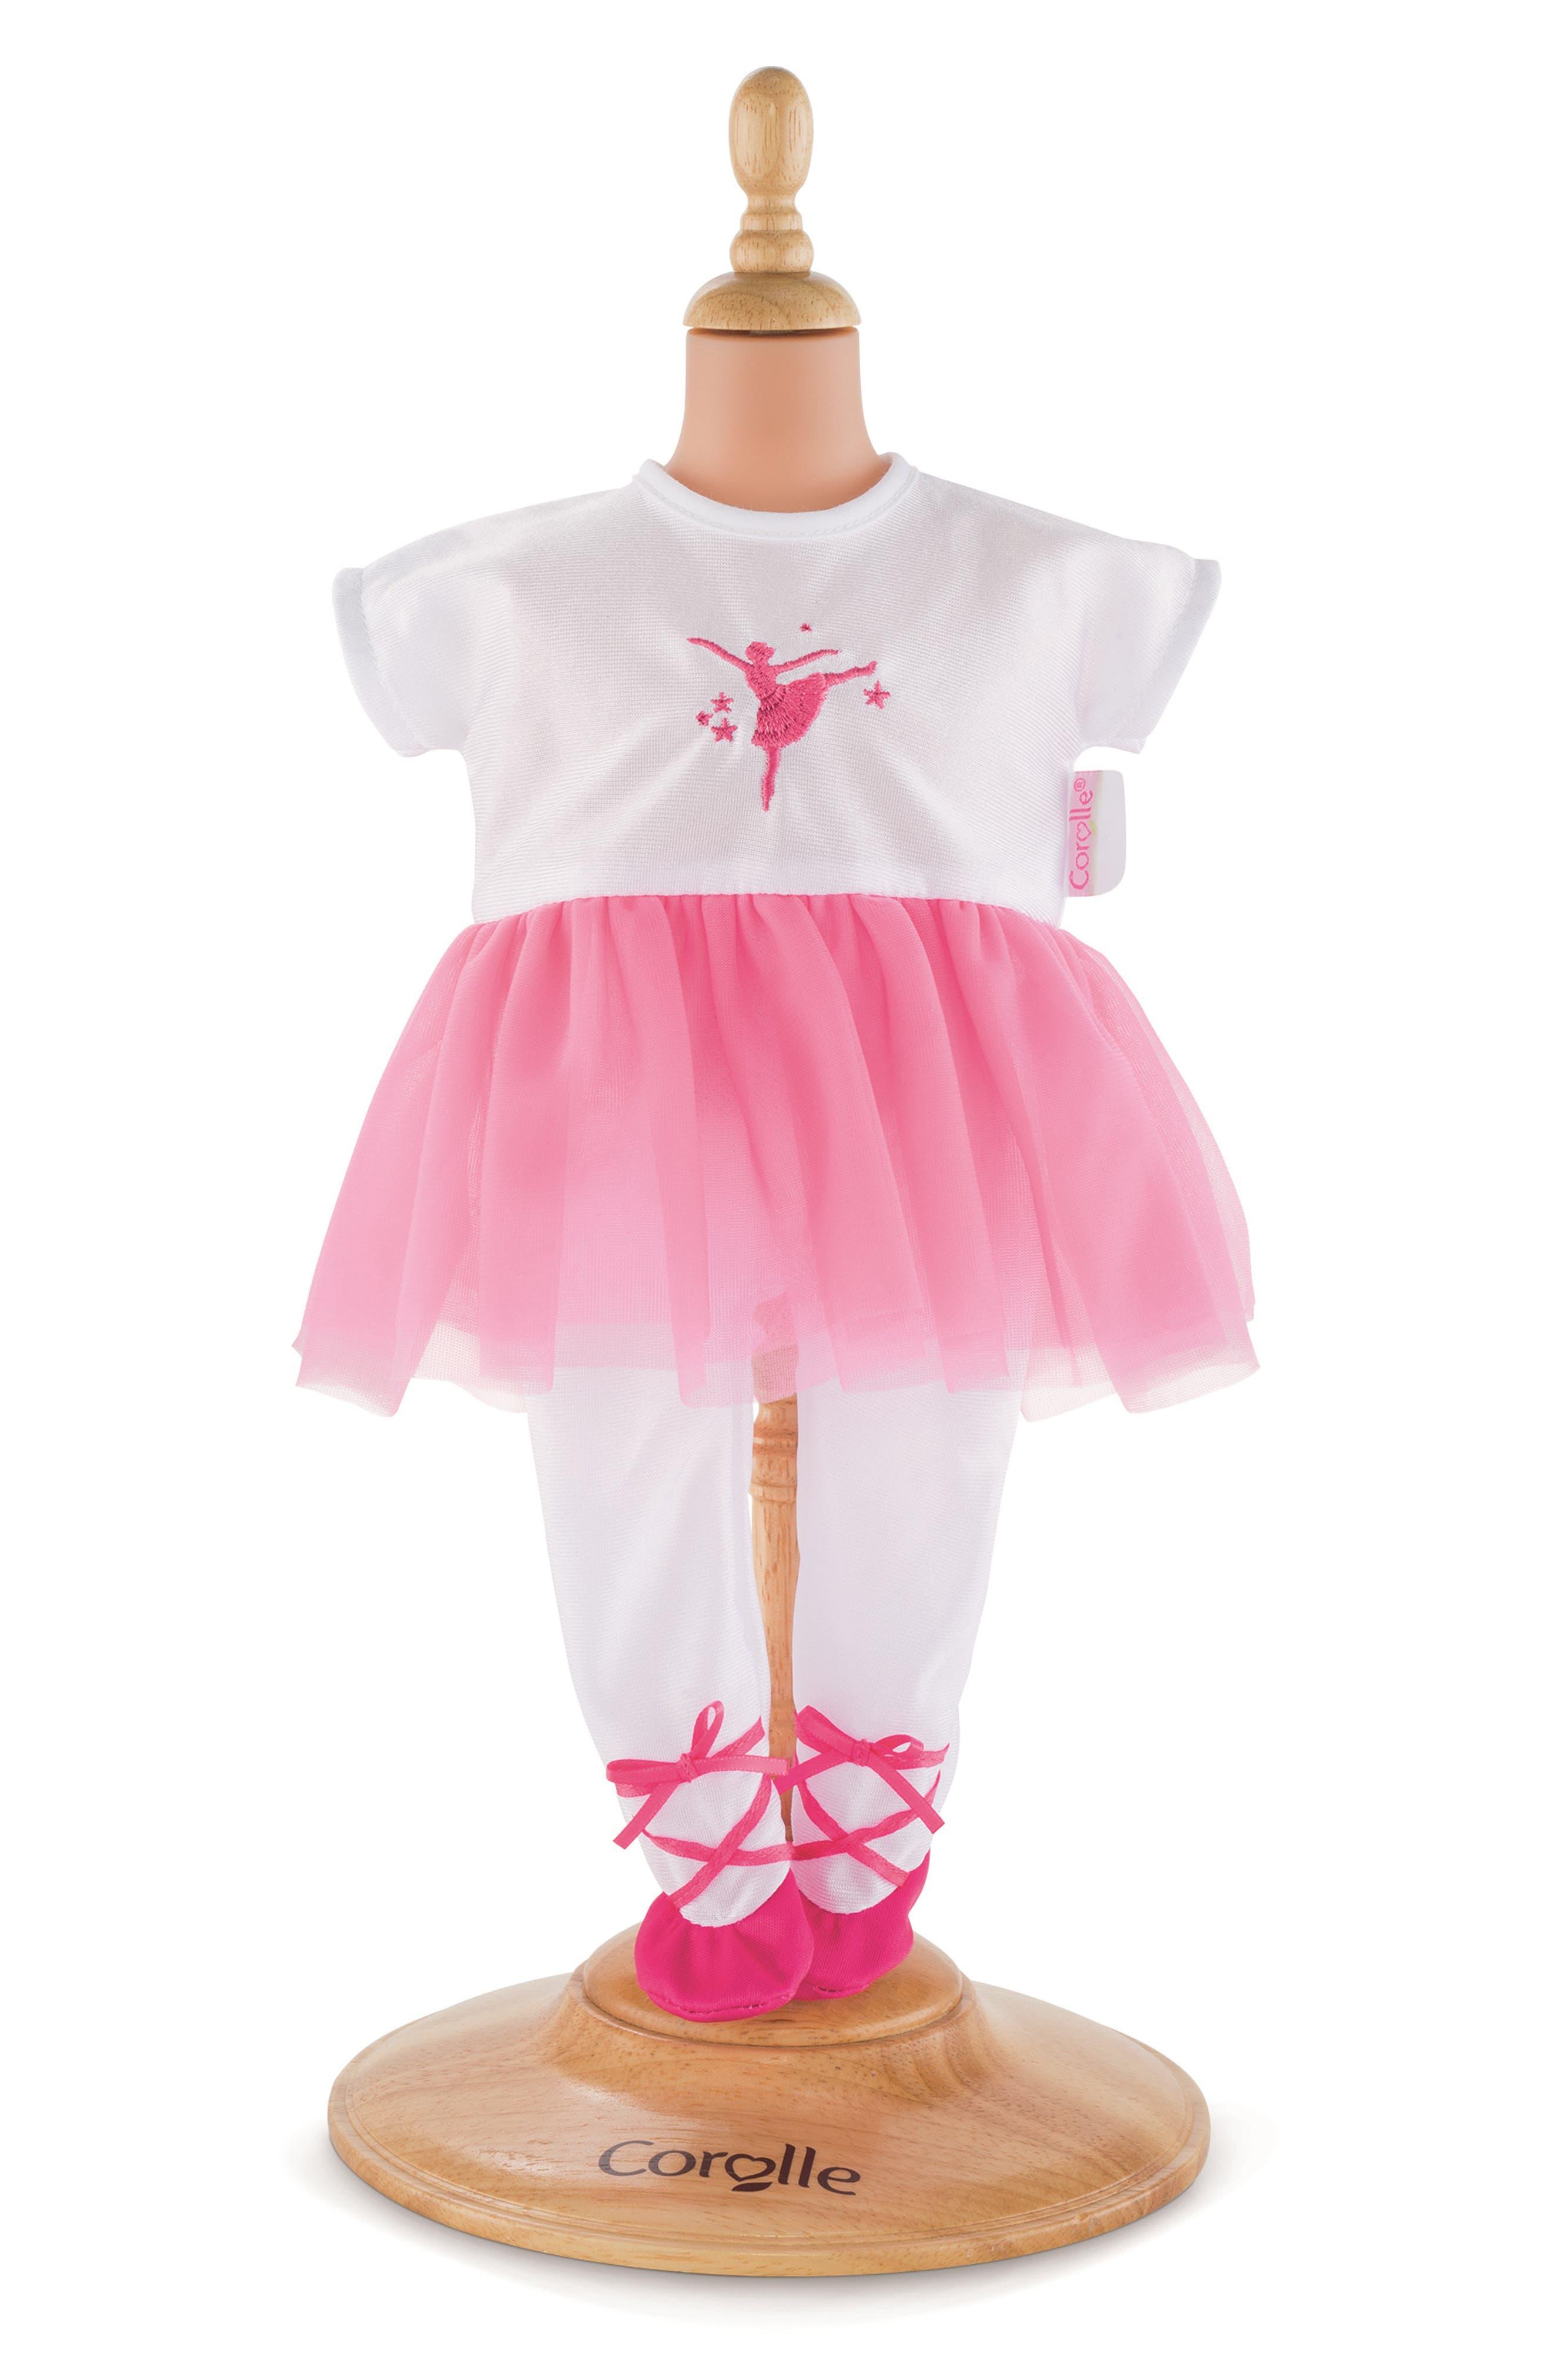 Toddler Girls Corolle Ballerina Doll Costume